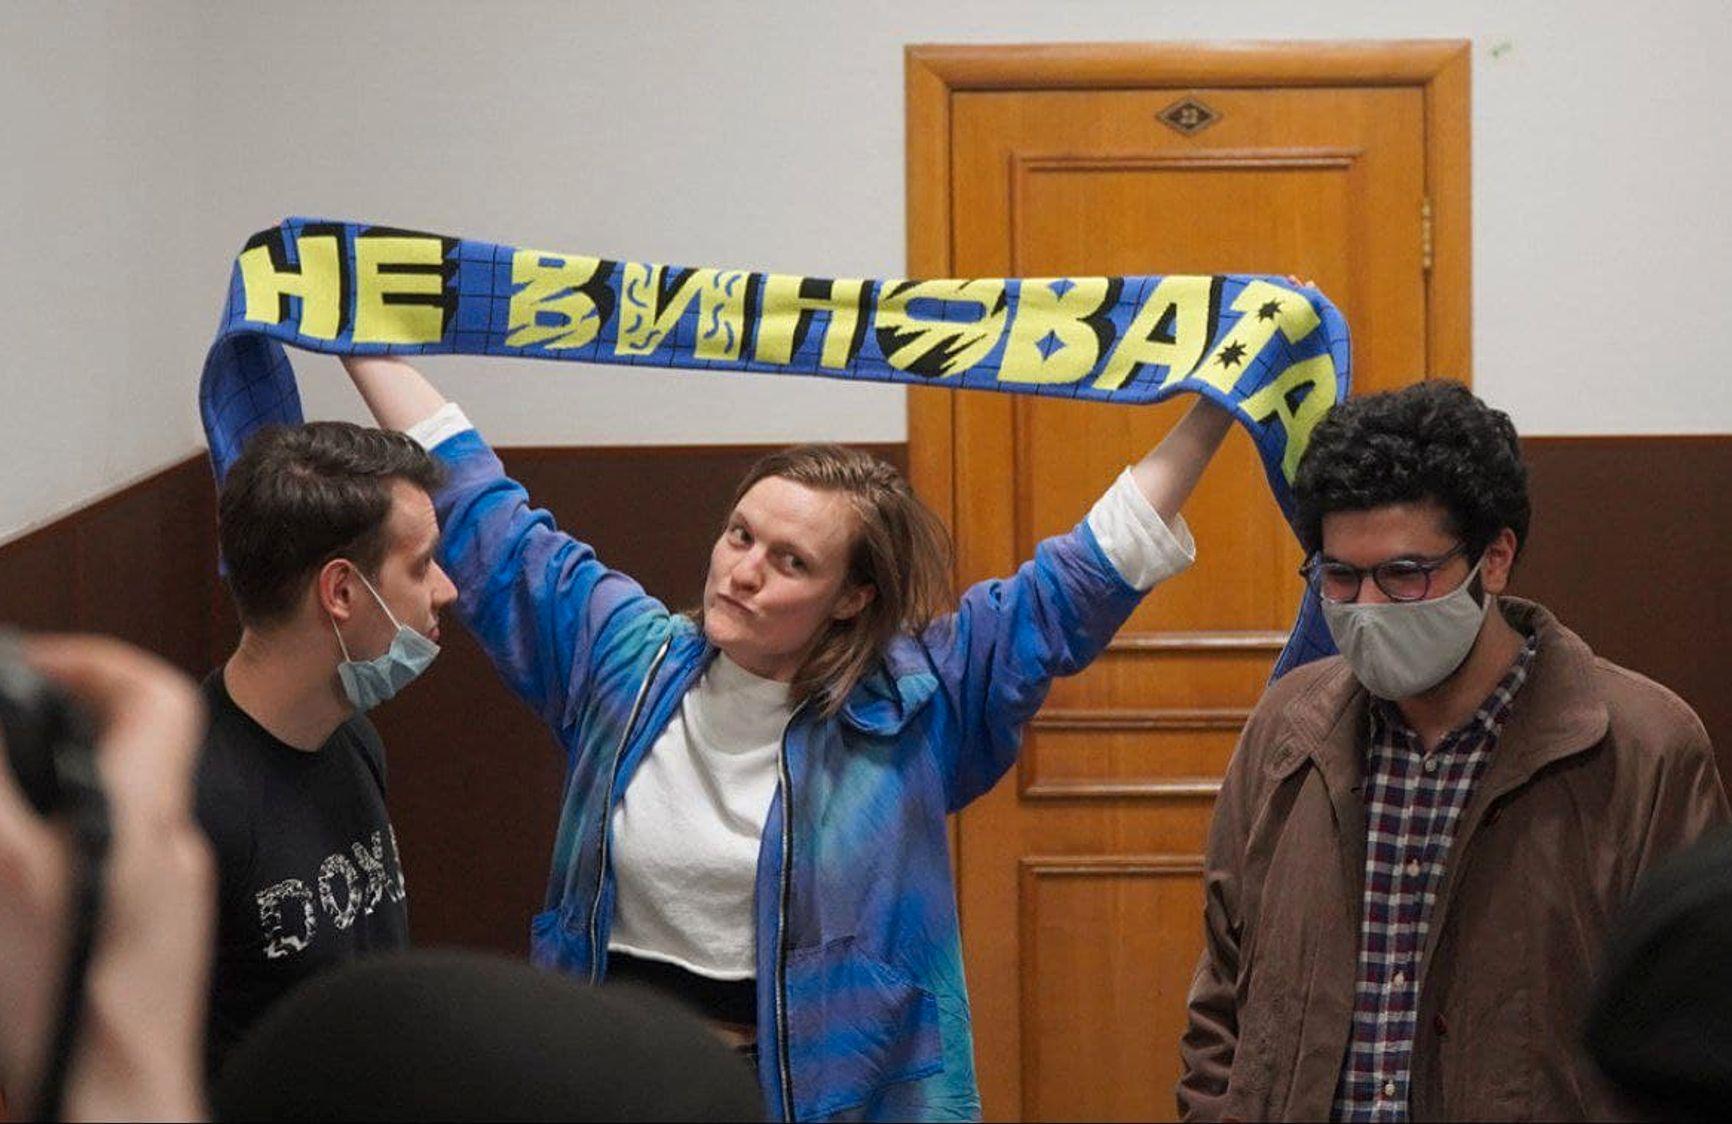 Метелкин, Тышкевич и Арамян демонстрируют свою позицию по делу